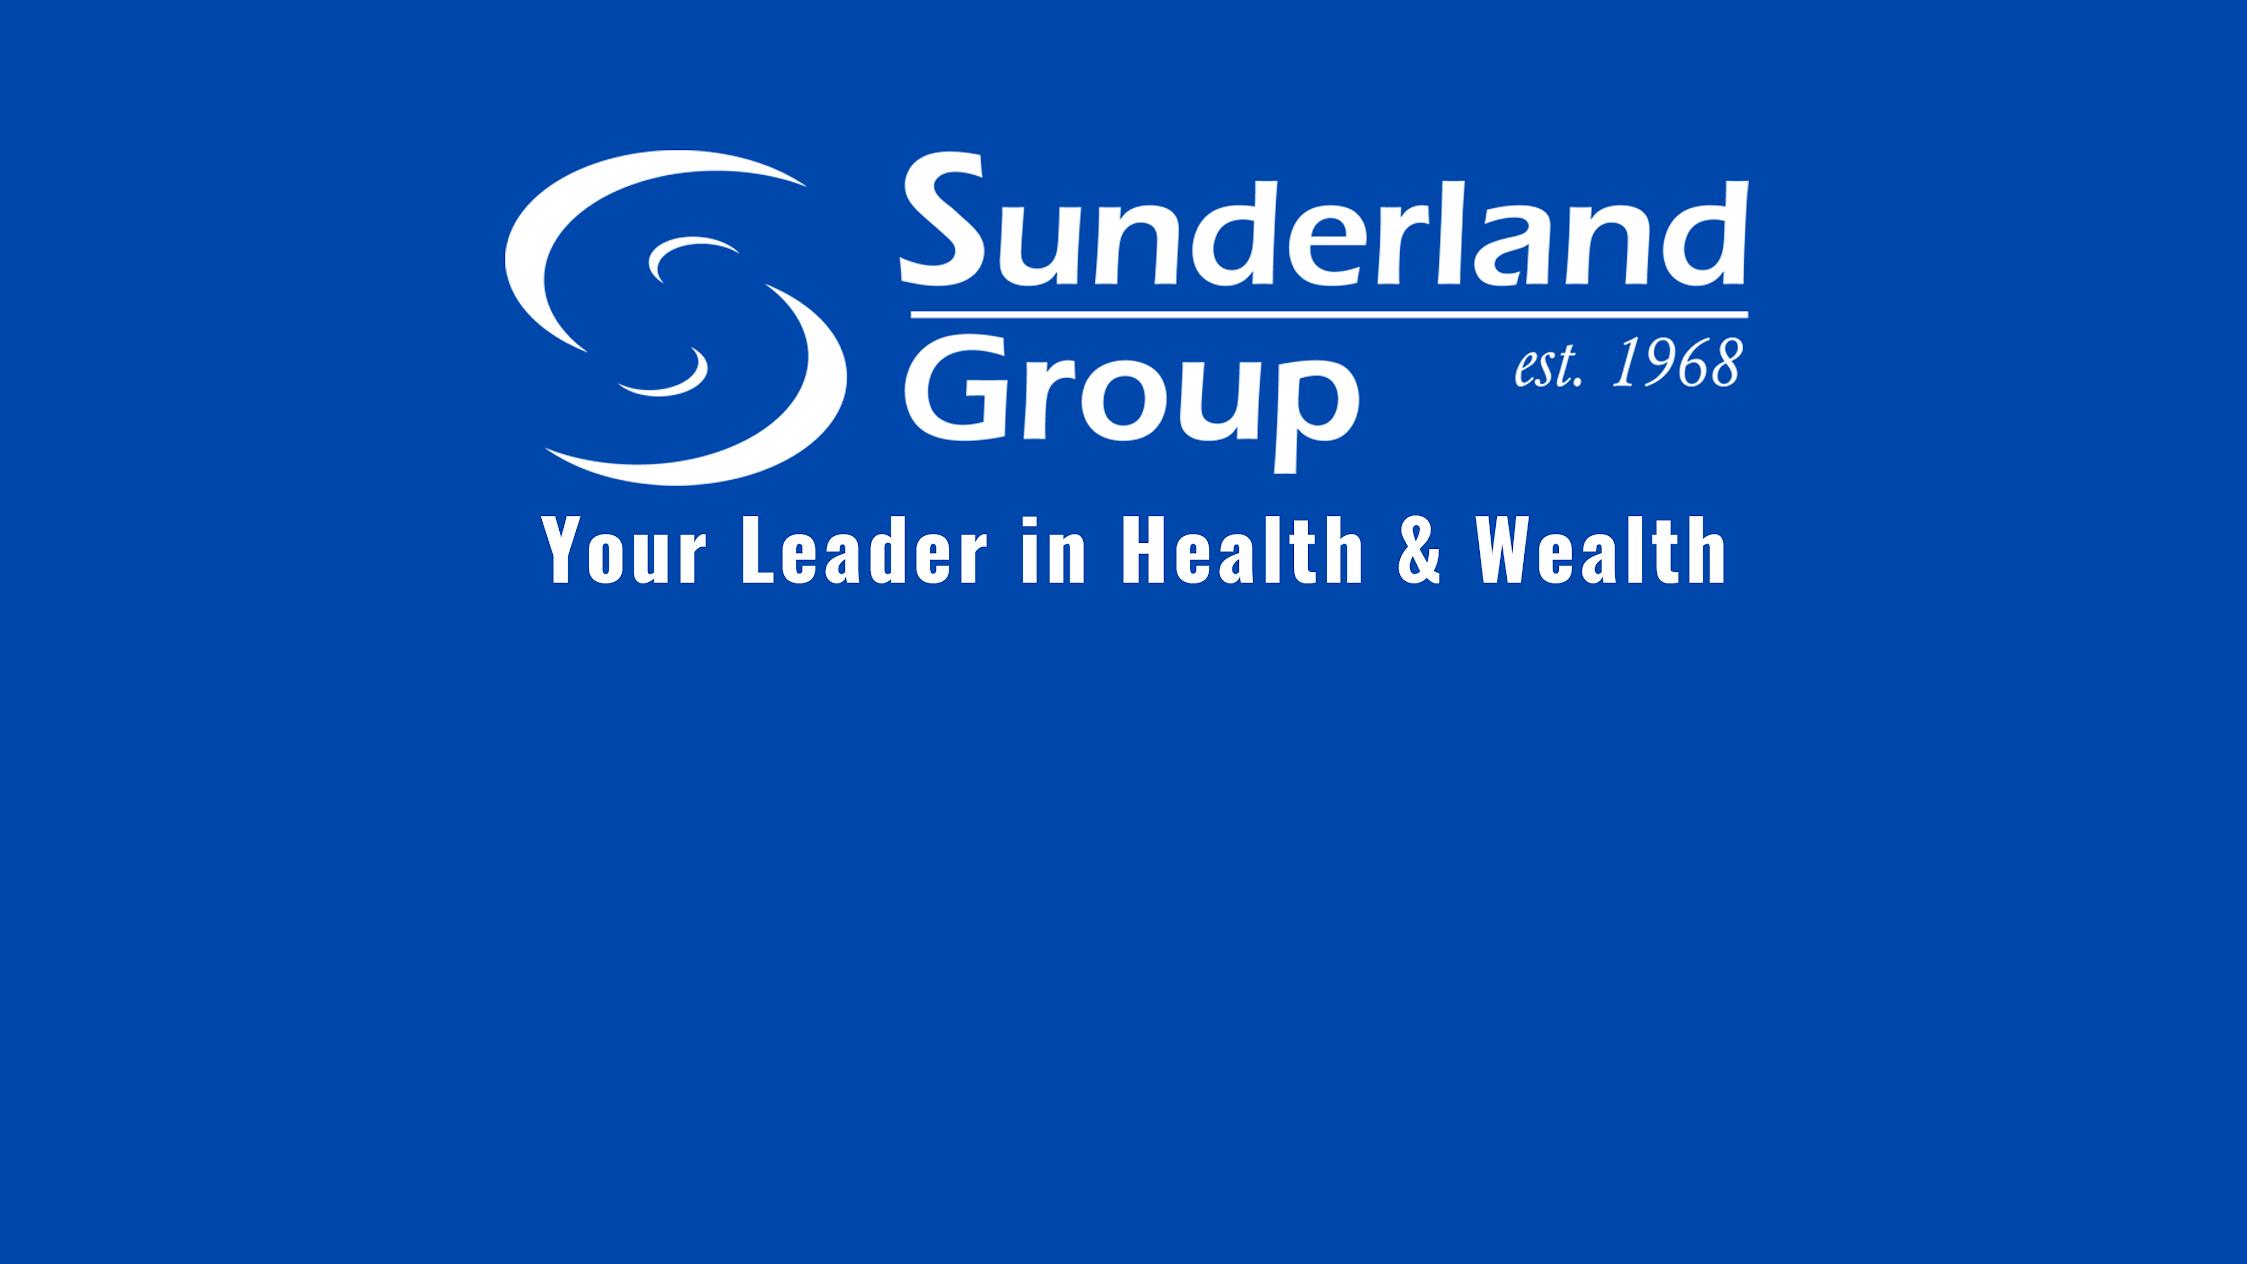 Sunderland Group LTD